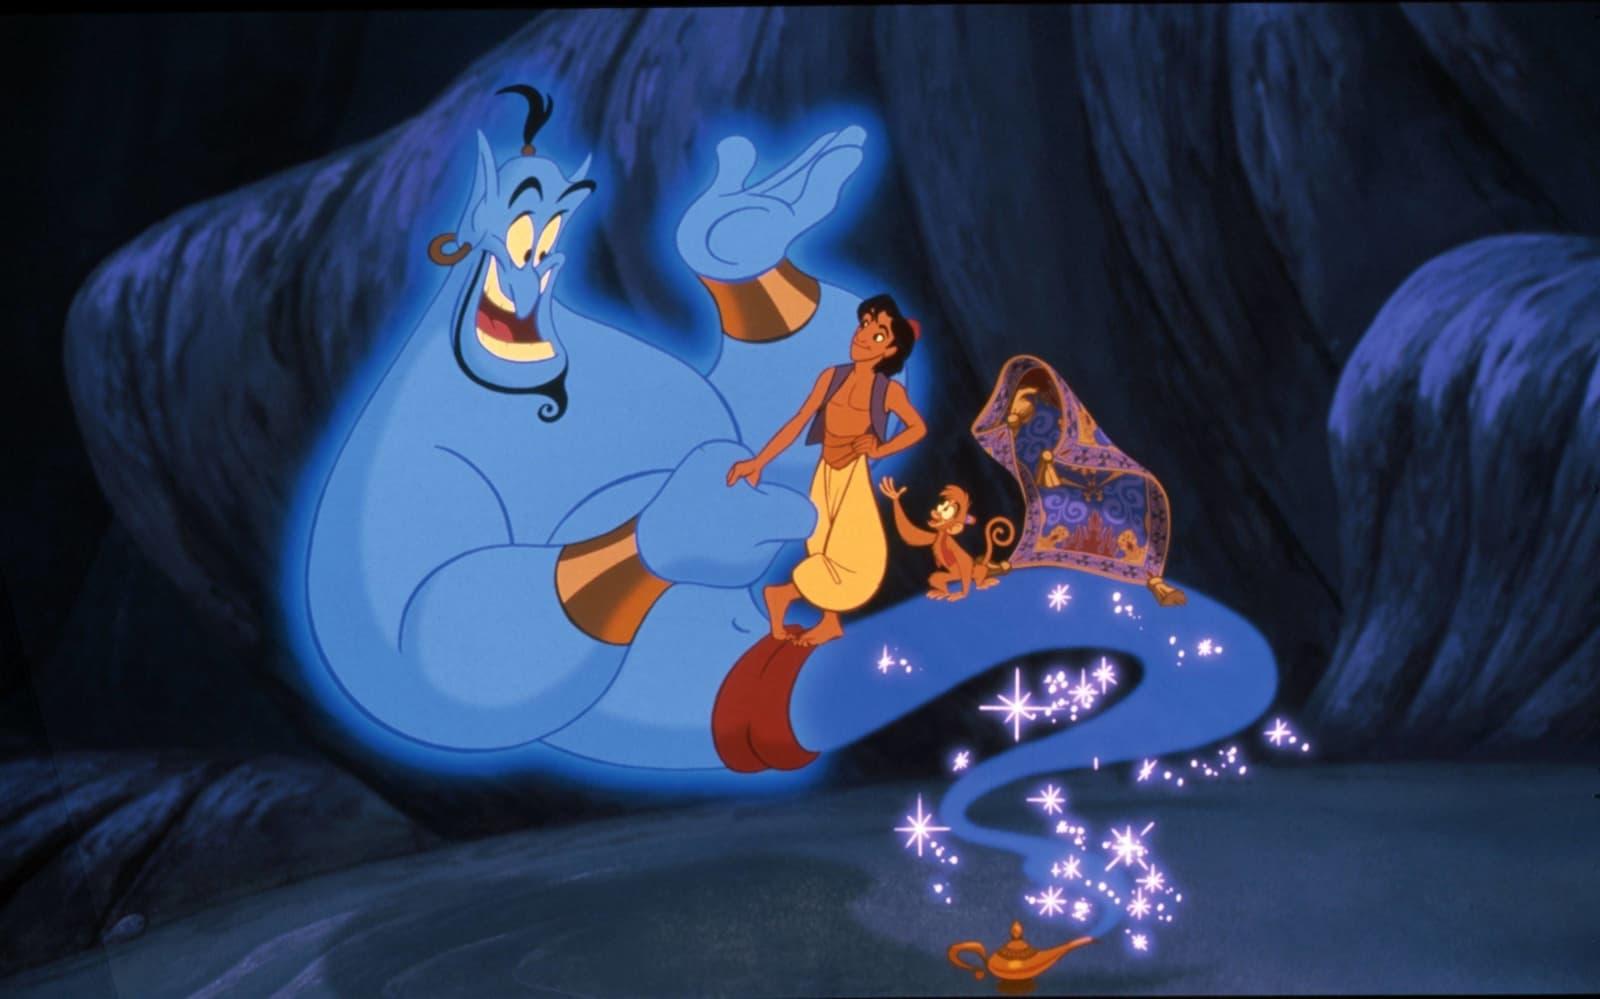 Verstörende Geheimnisse, die Disney versteckt